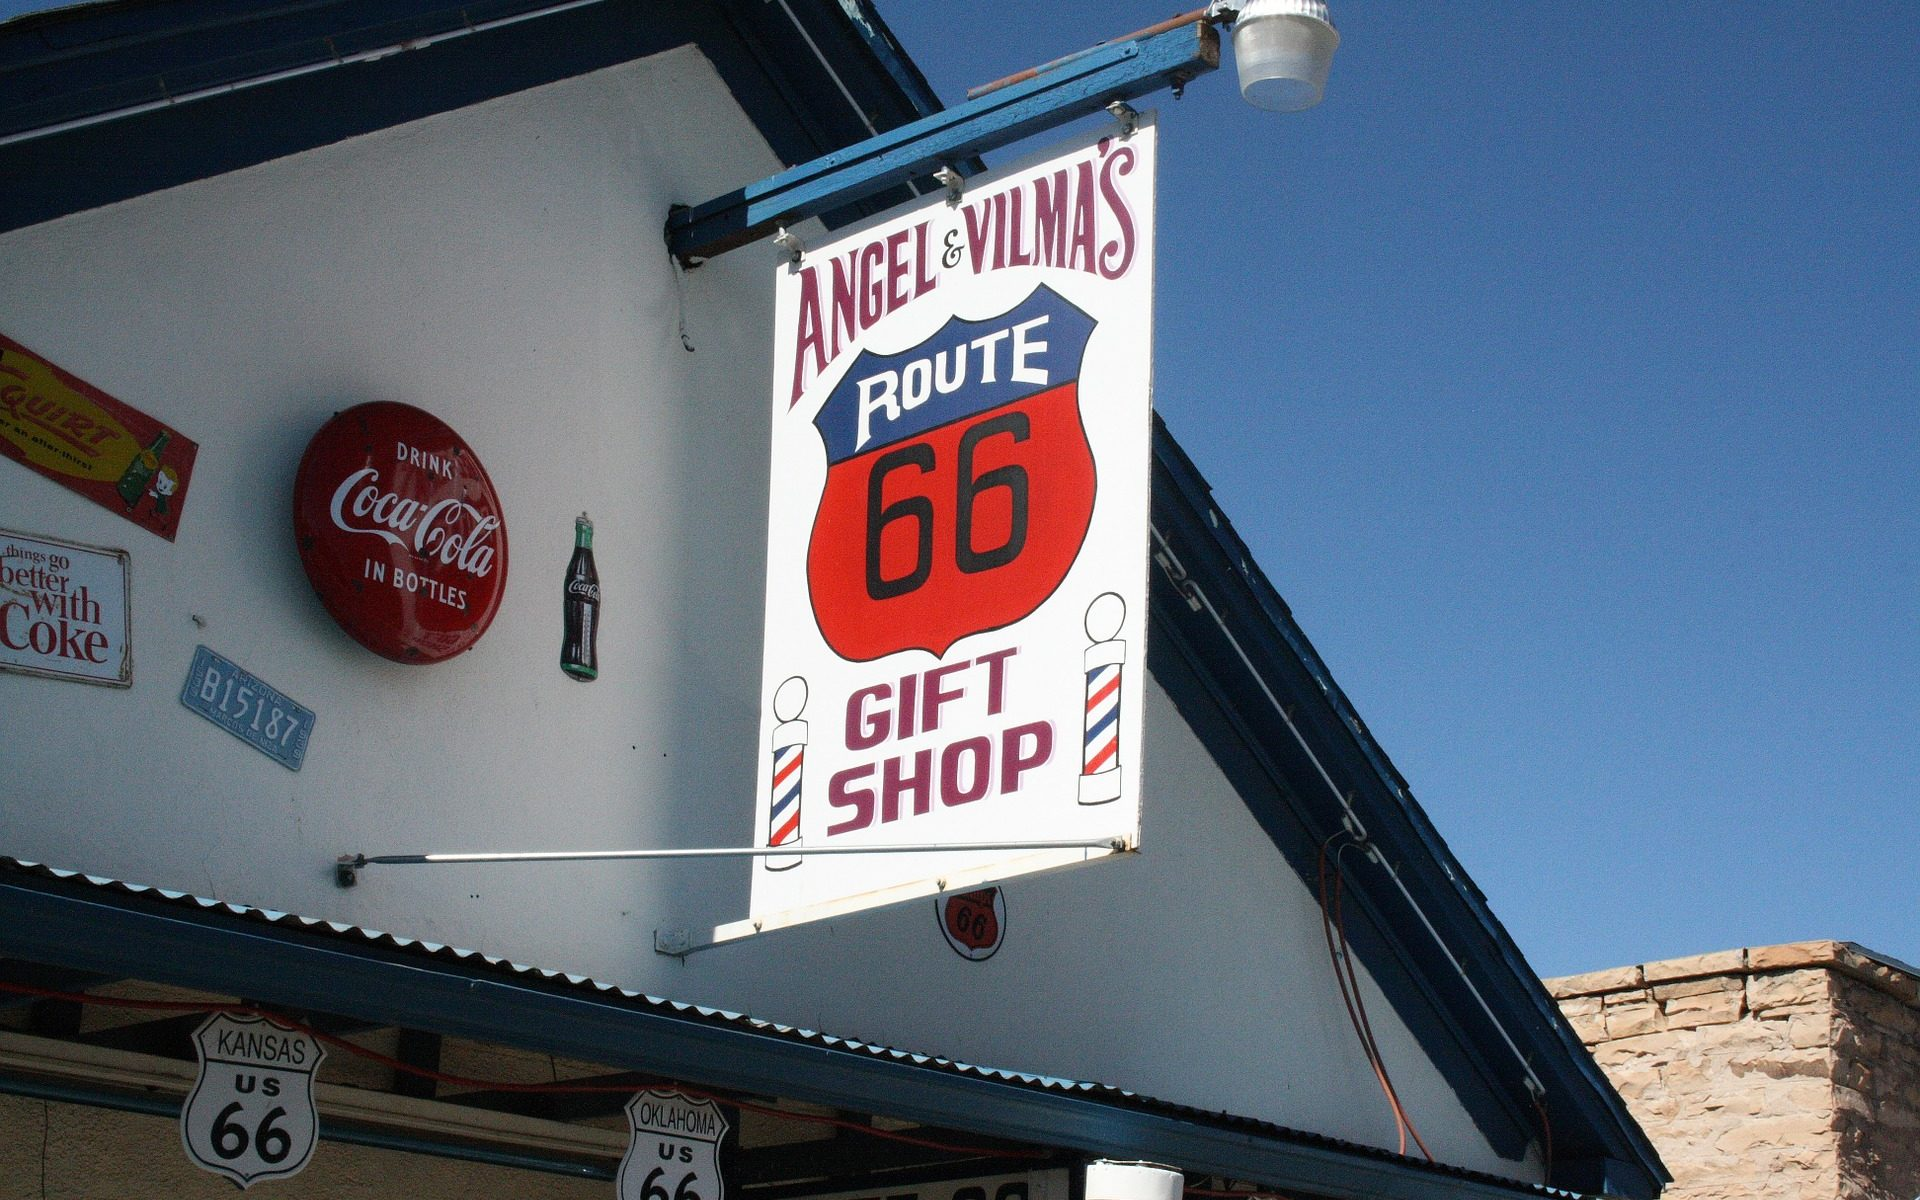 angel vilmas giftshop 1920x1200 - Route 66, Arizona: Angel & Vilma Delgadillo's Gift Shop in Seligman